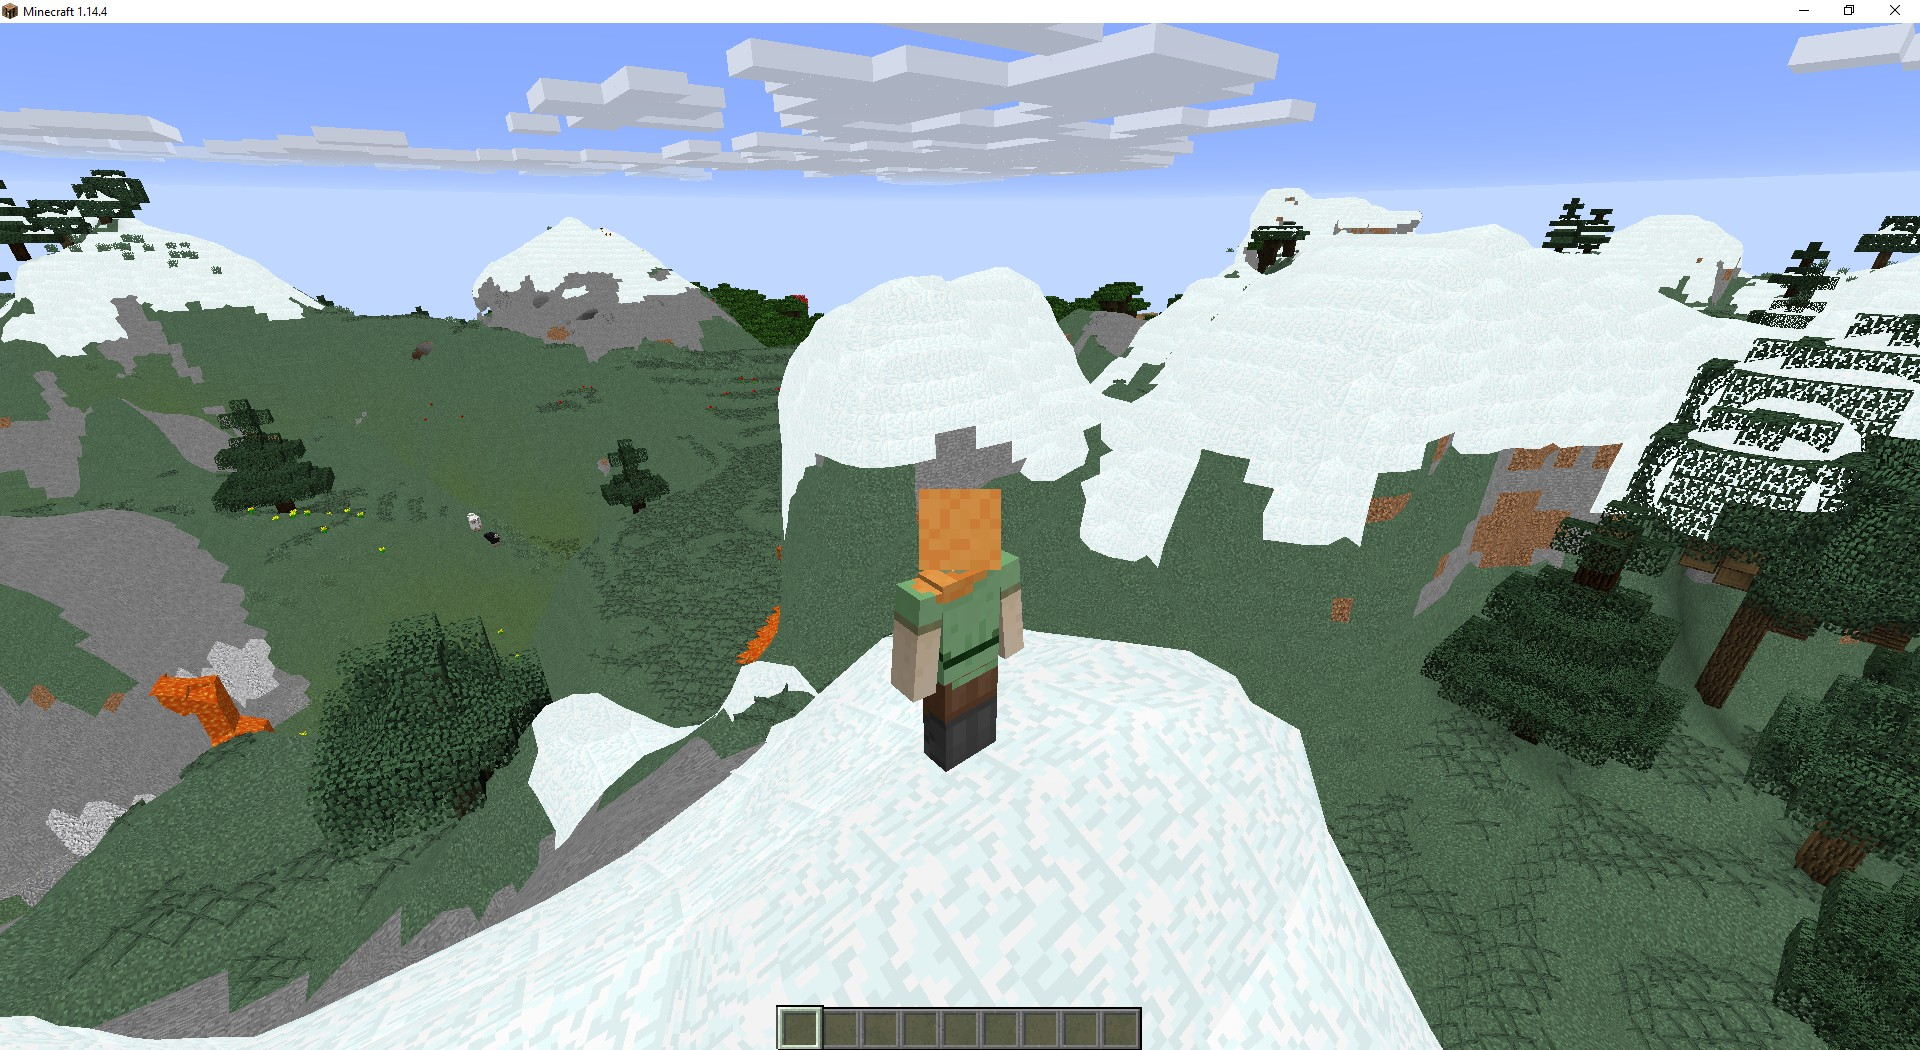 Мод NoCubes (реалистичный ландшафт) - скриншот 6